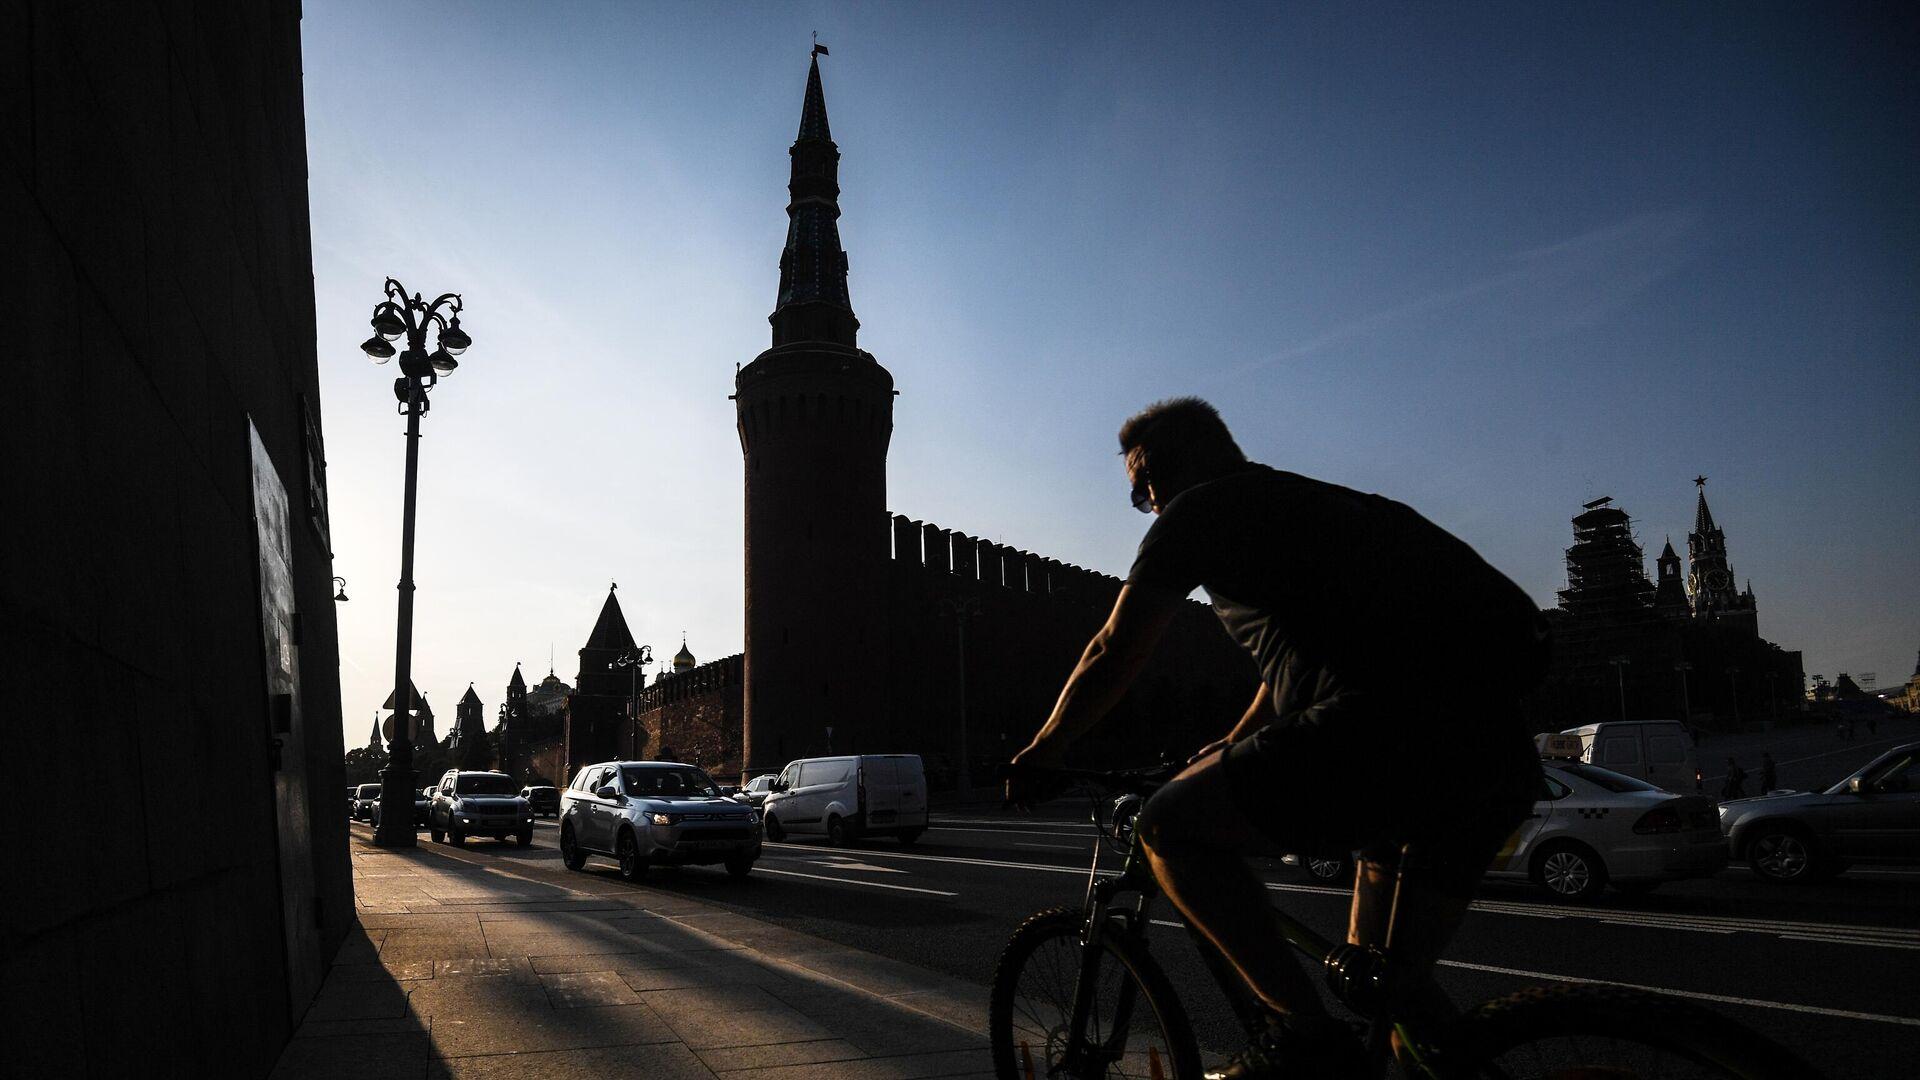 Велосипедист на фоне Московского Кремля - Sputnik Латвия, 1920, 25.06.2021